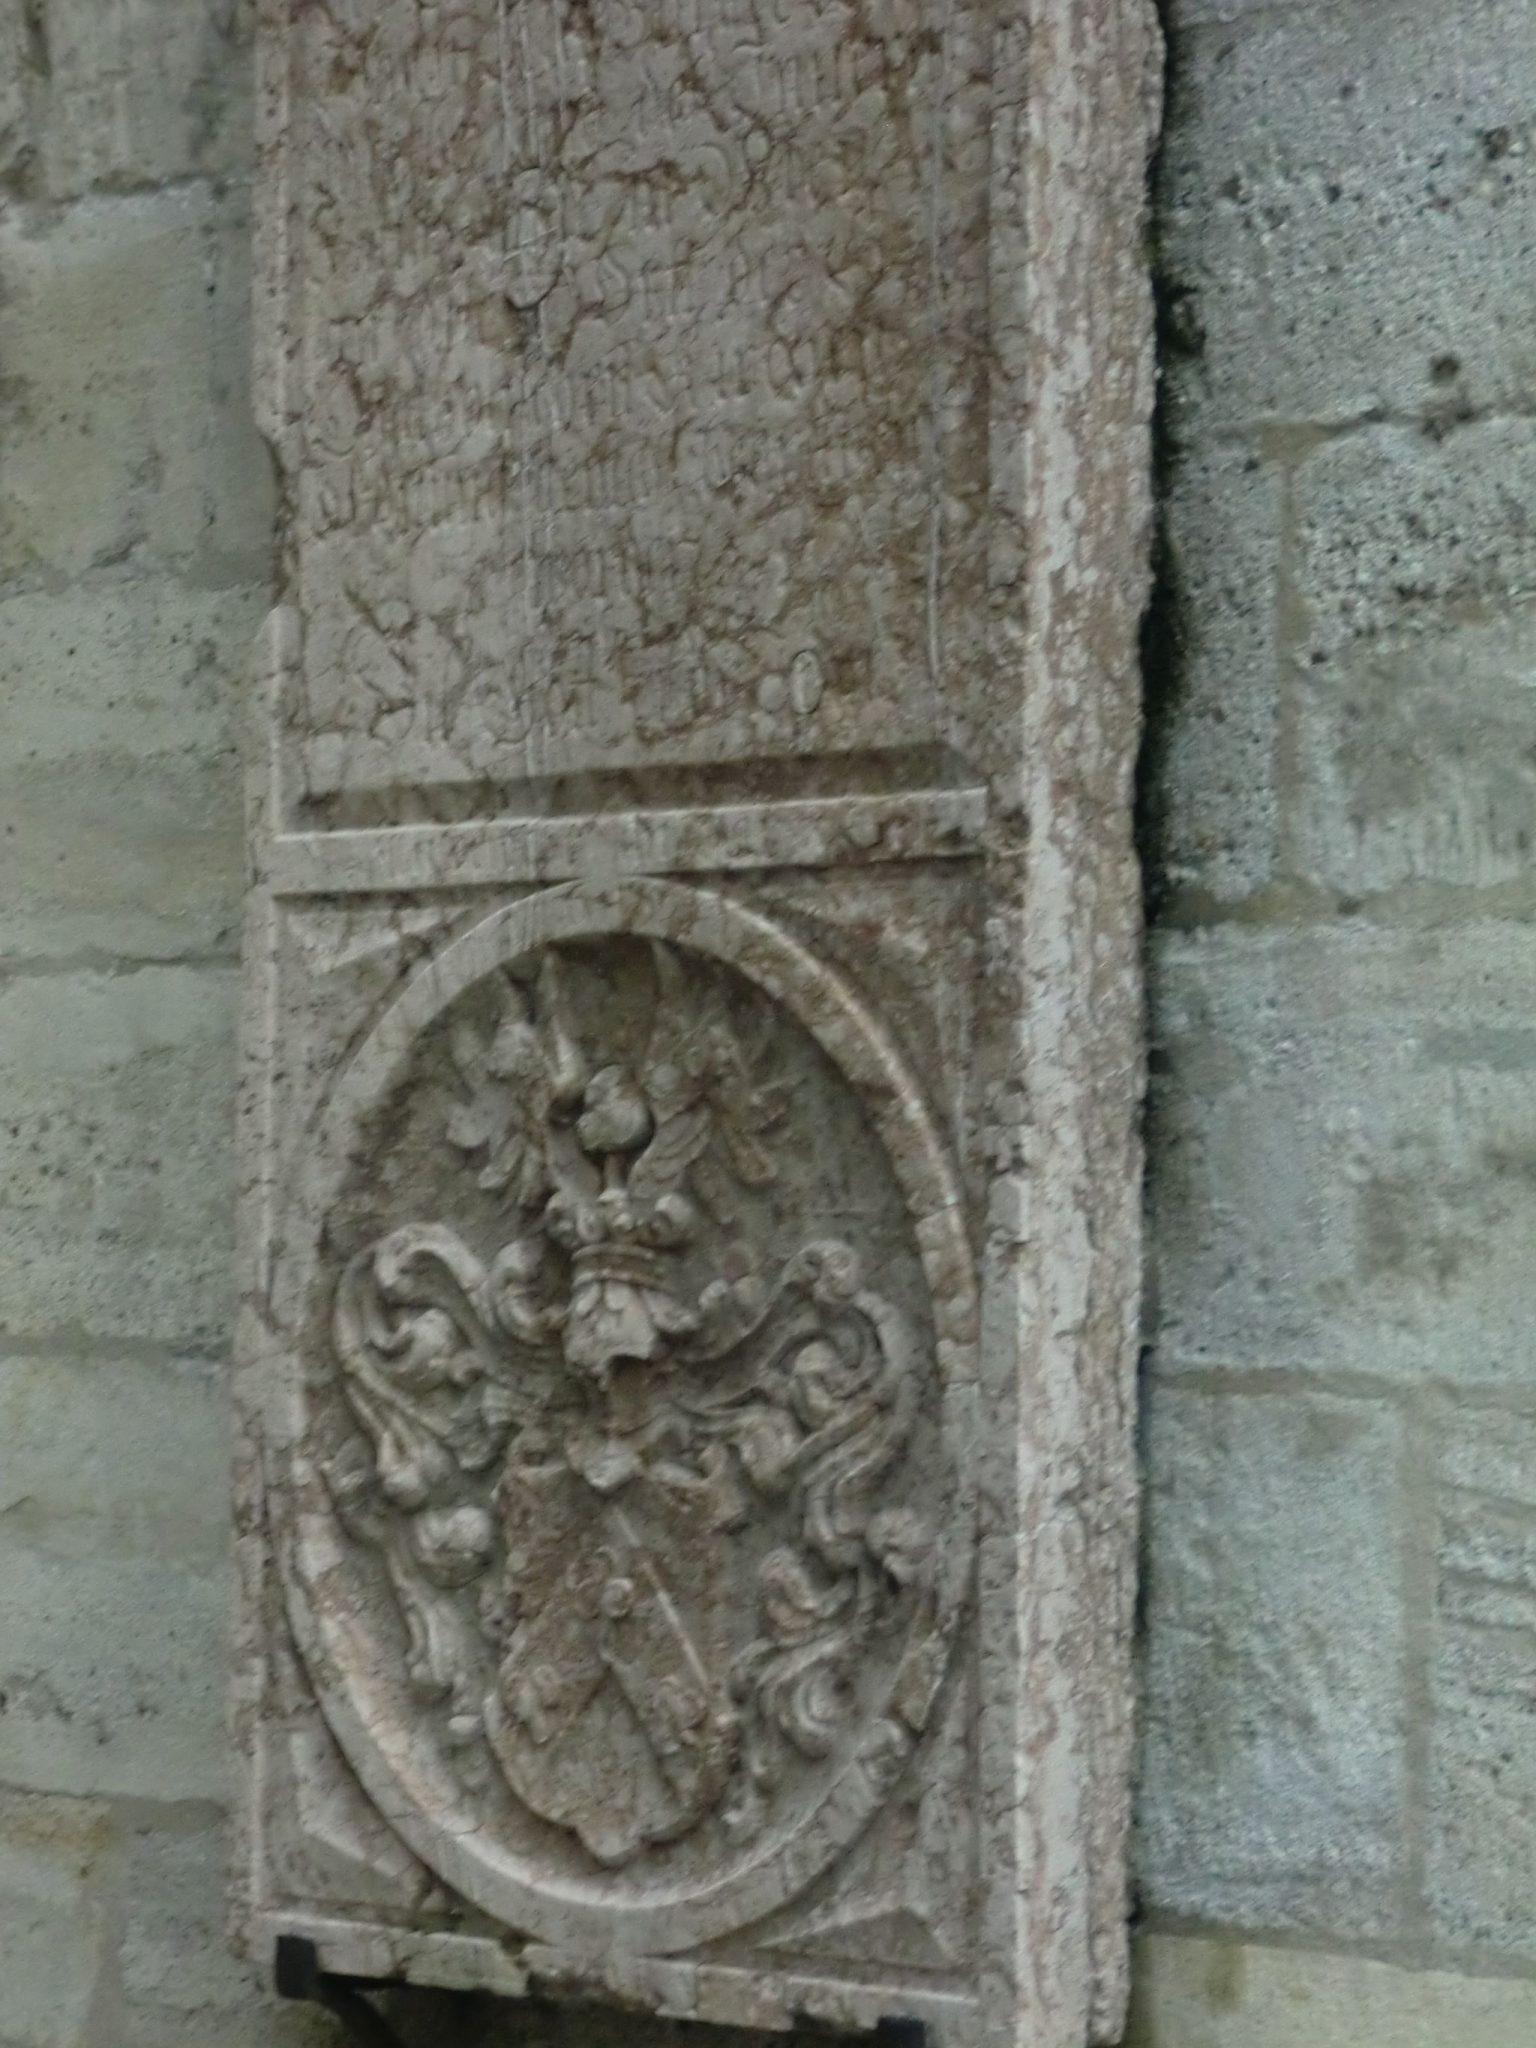 Vienna cathedral 32 1440x1920 - Vienna: elegant beauty